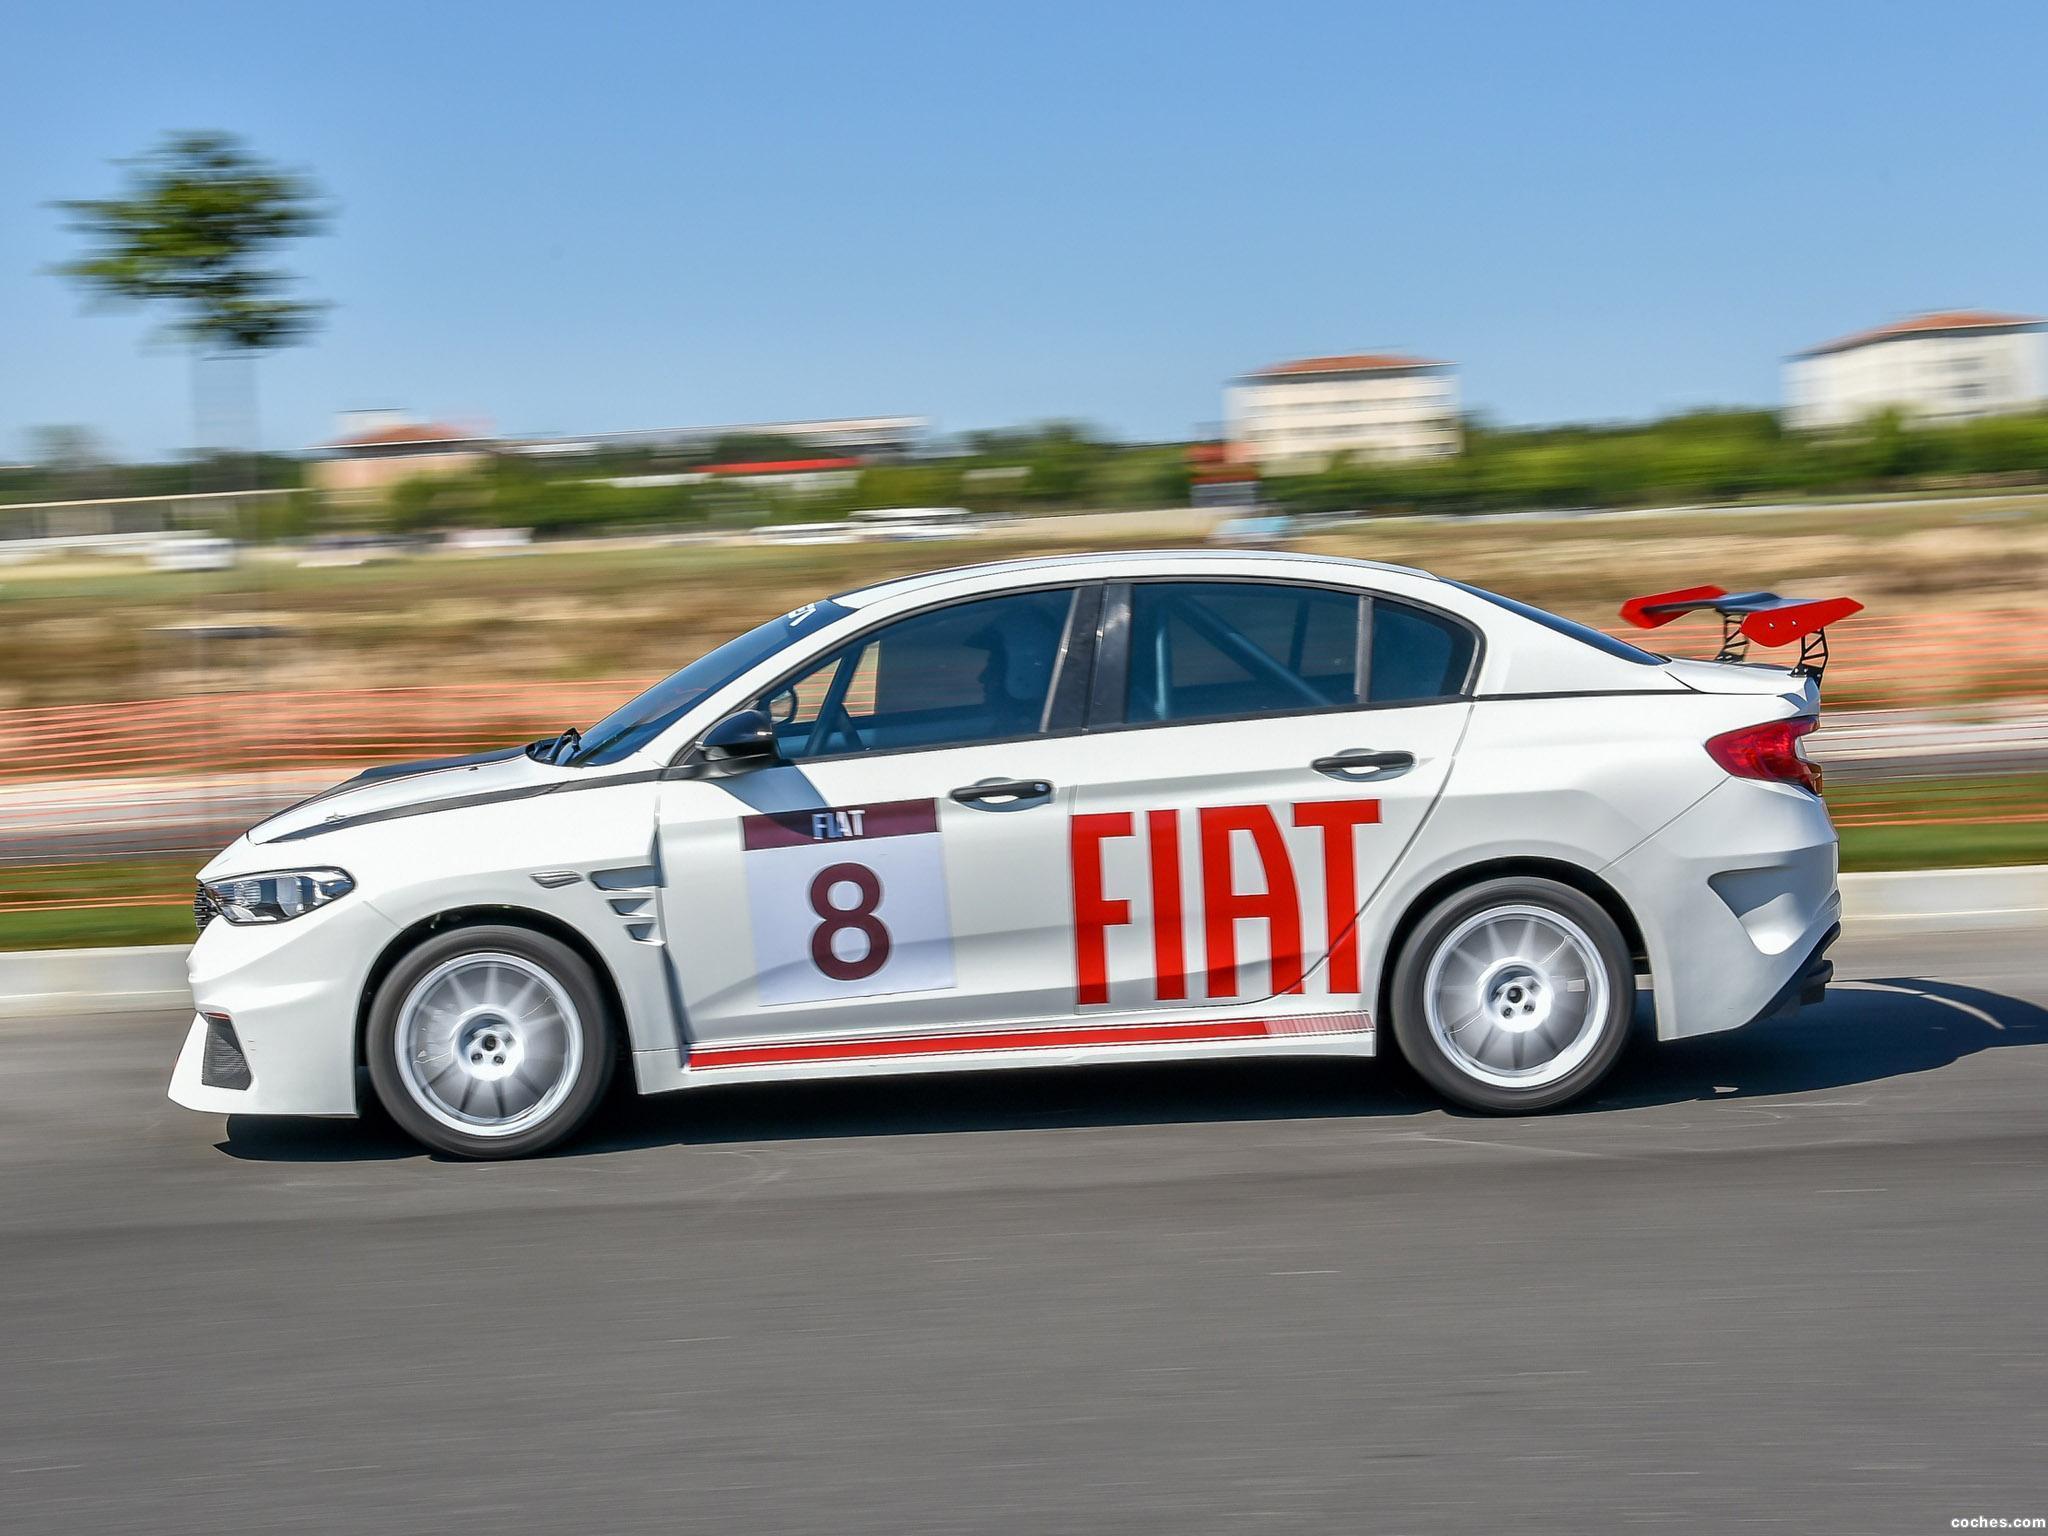 Foto 1 de Fiat Egea Race Car 2017